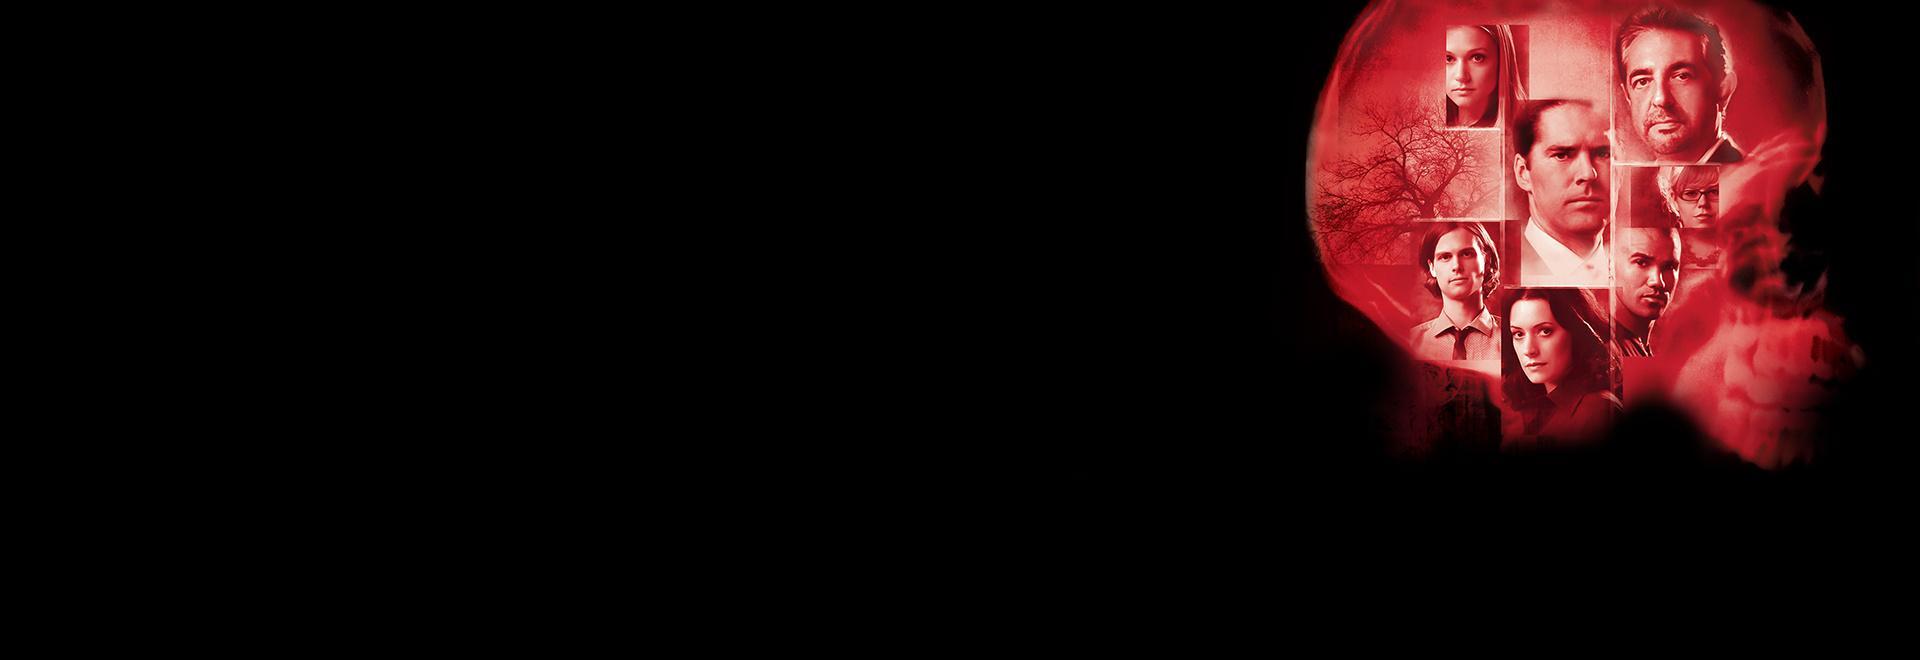 Il cavaliere della notte